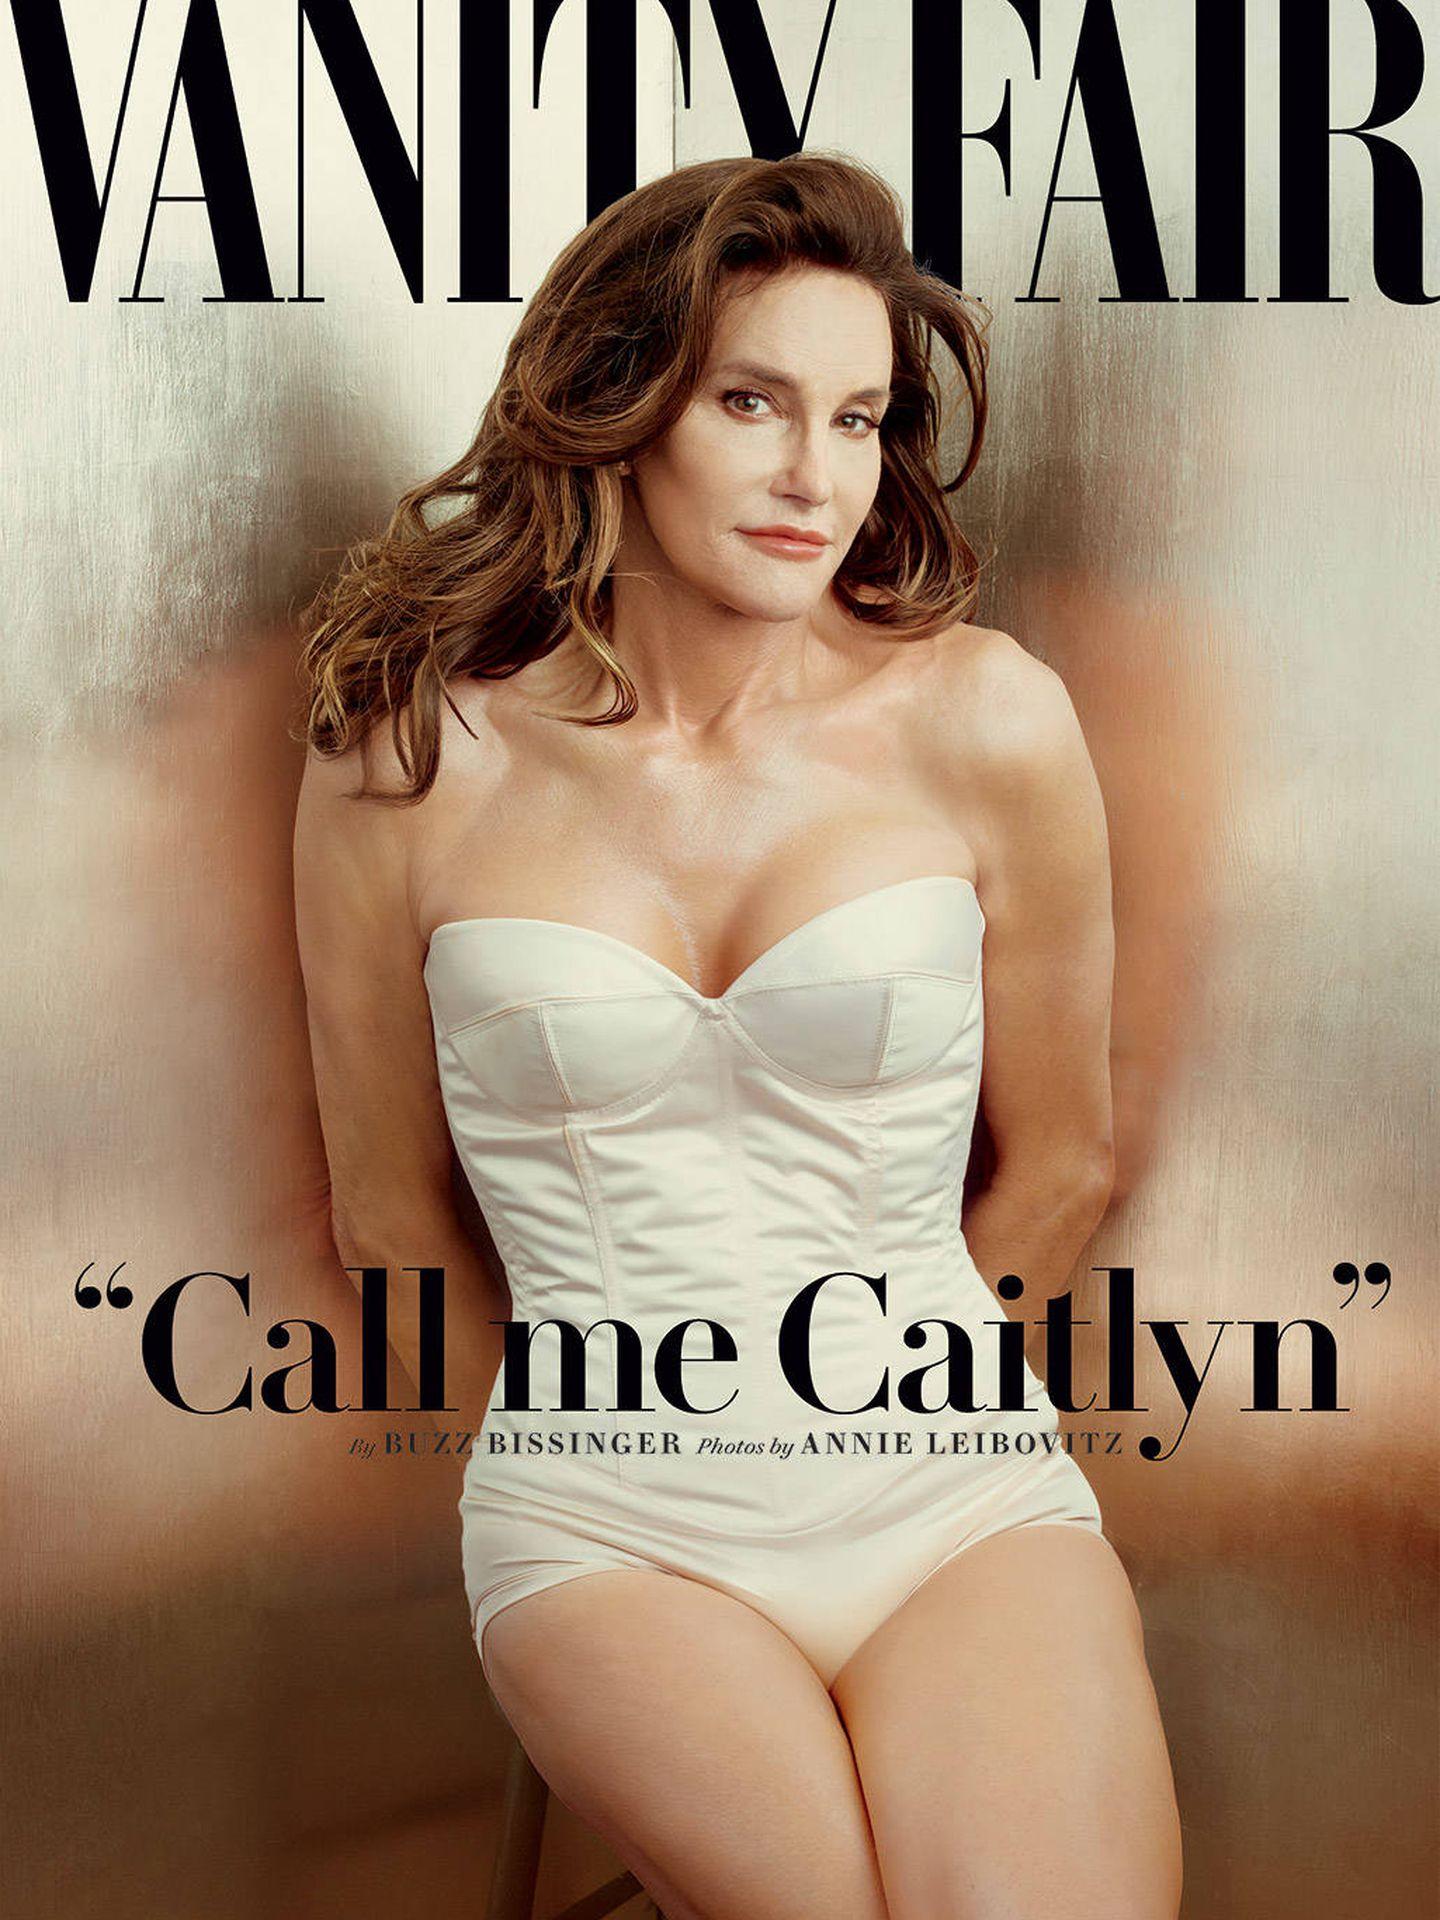 Portada de la revista 'Vanity Fair' cuando se presentó Caitlyn en sociedad.